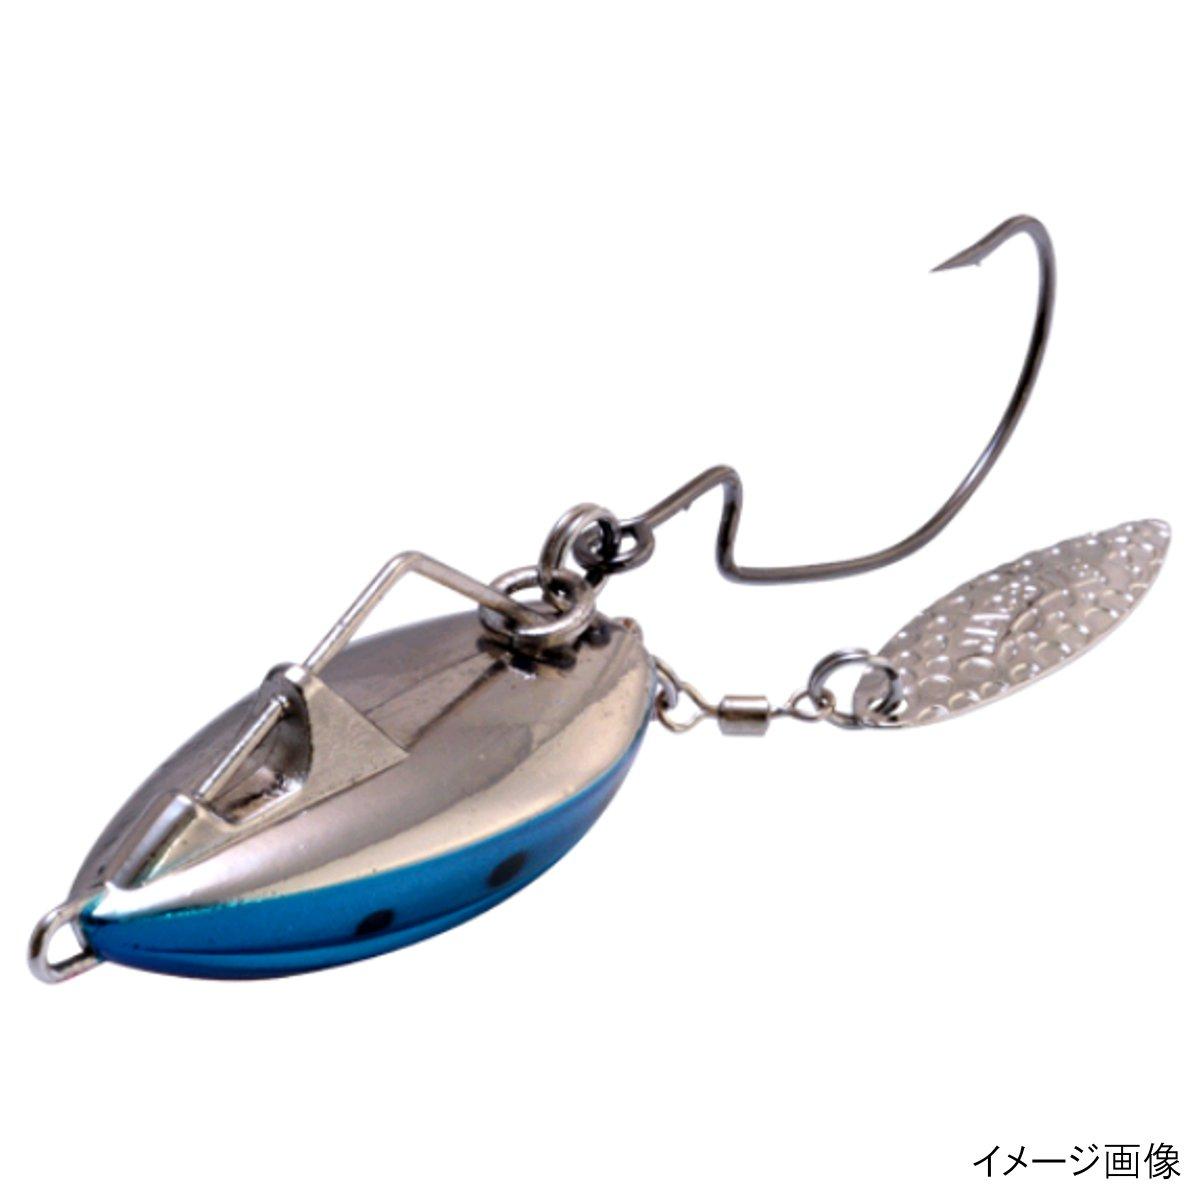 マグバイト バサロHD MBL05 30g 05IS(イワシ)【ゆうパケット】